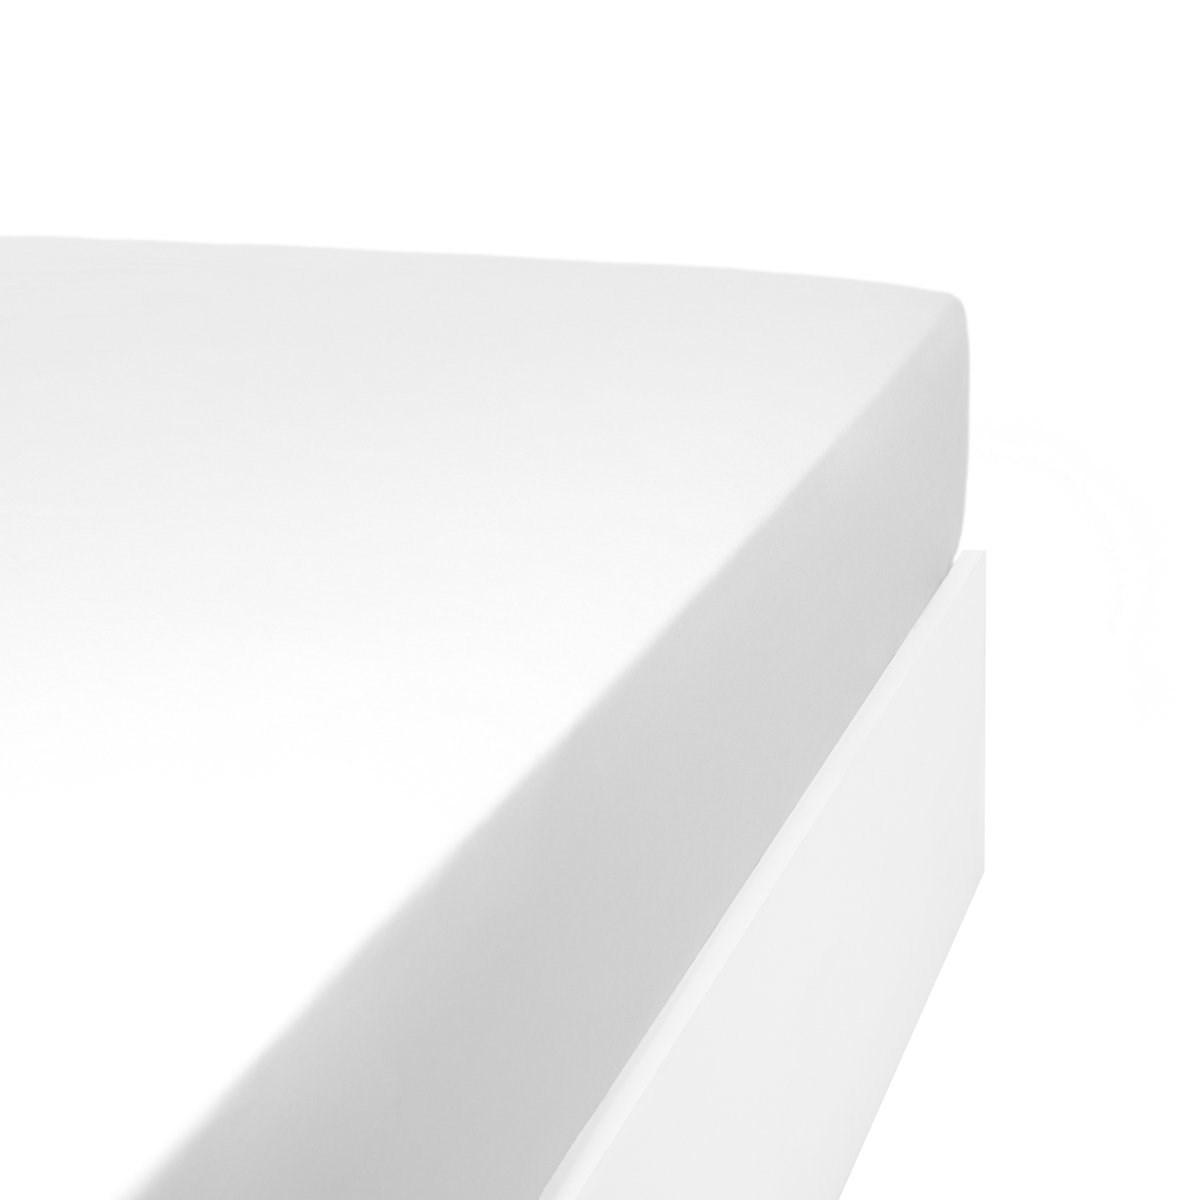 Drap housse jersey extensible lit double en coton blanc 90x200 cm